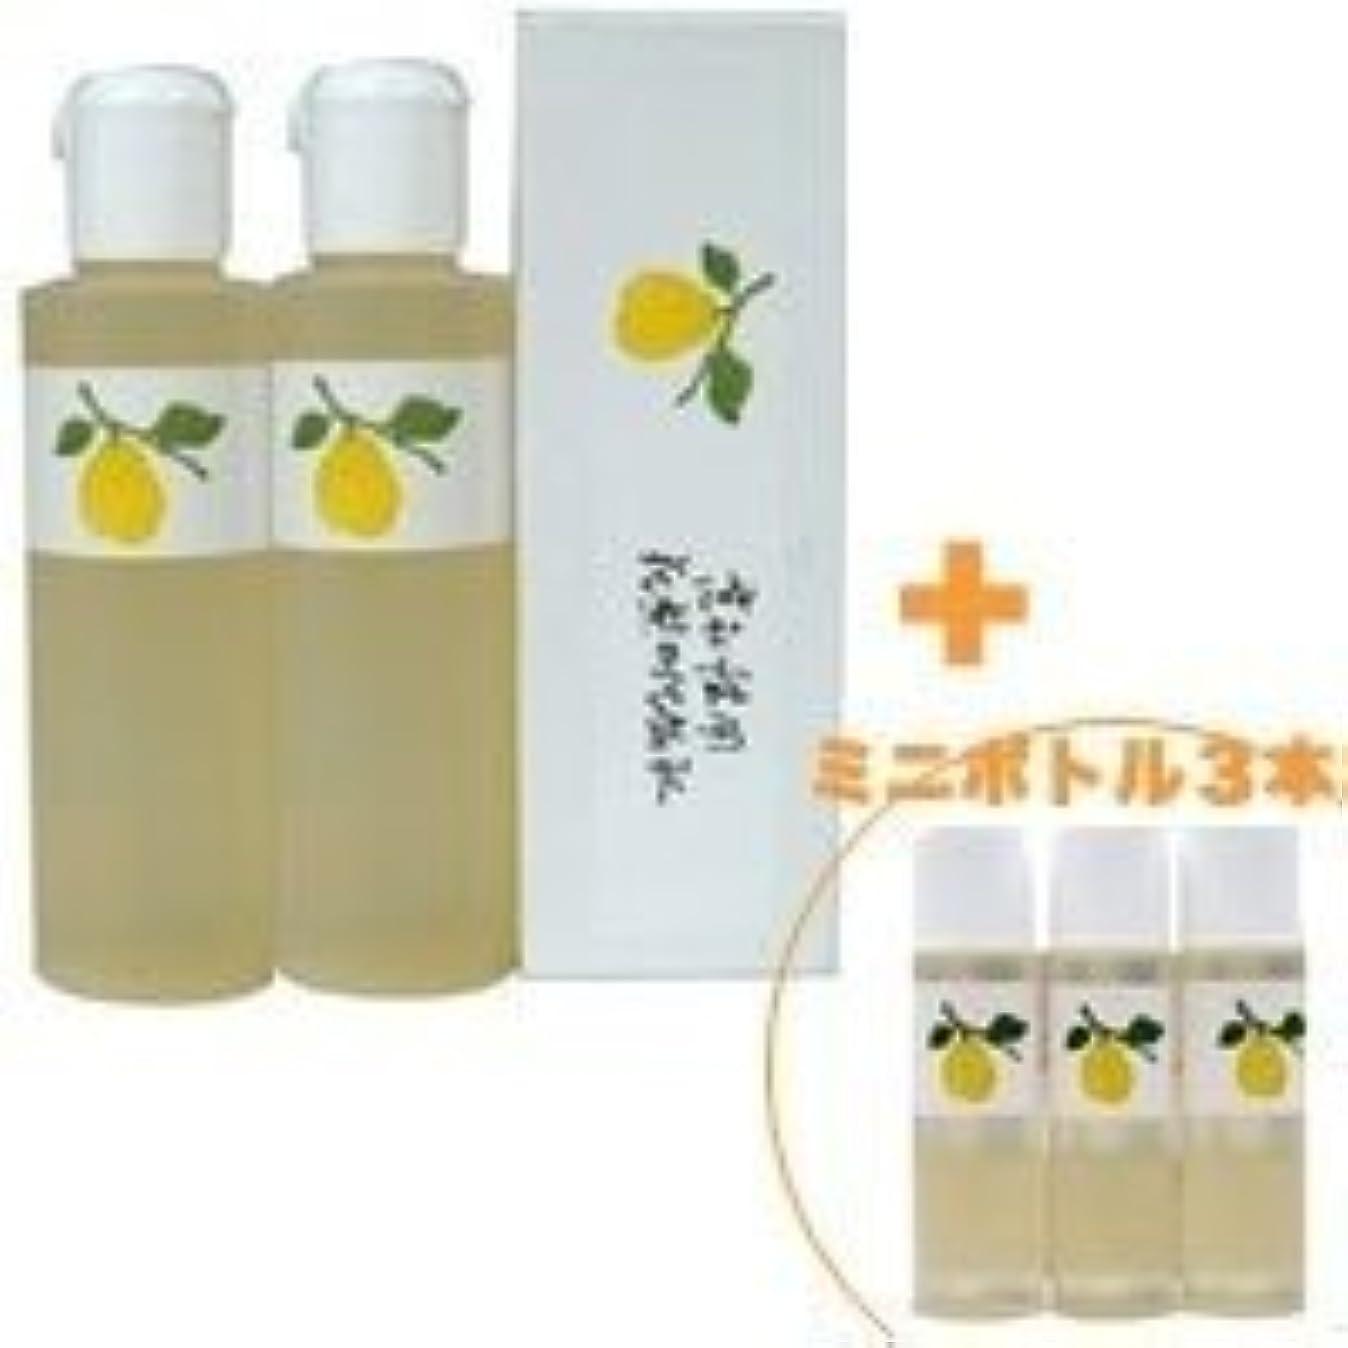 満たす繁栄する再開花梨の化粧水 200ml 2本&ミニボトル 3本 美容液 栄養クリームのいらないお肌へ 保湿と乾燥対策に